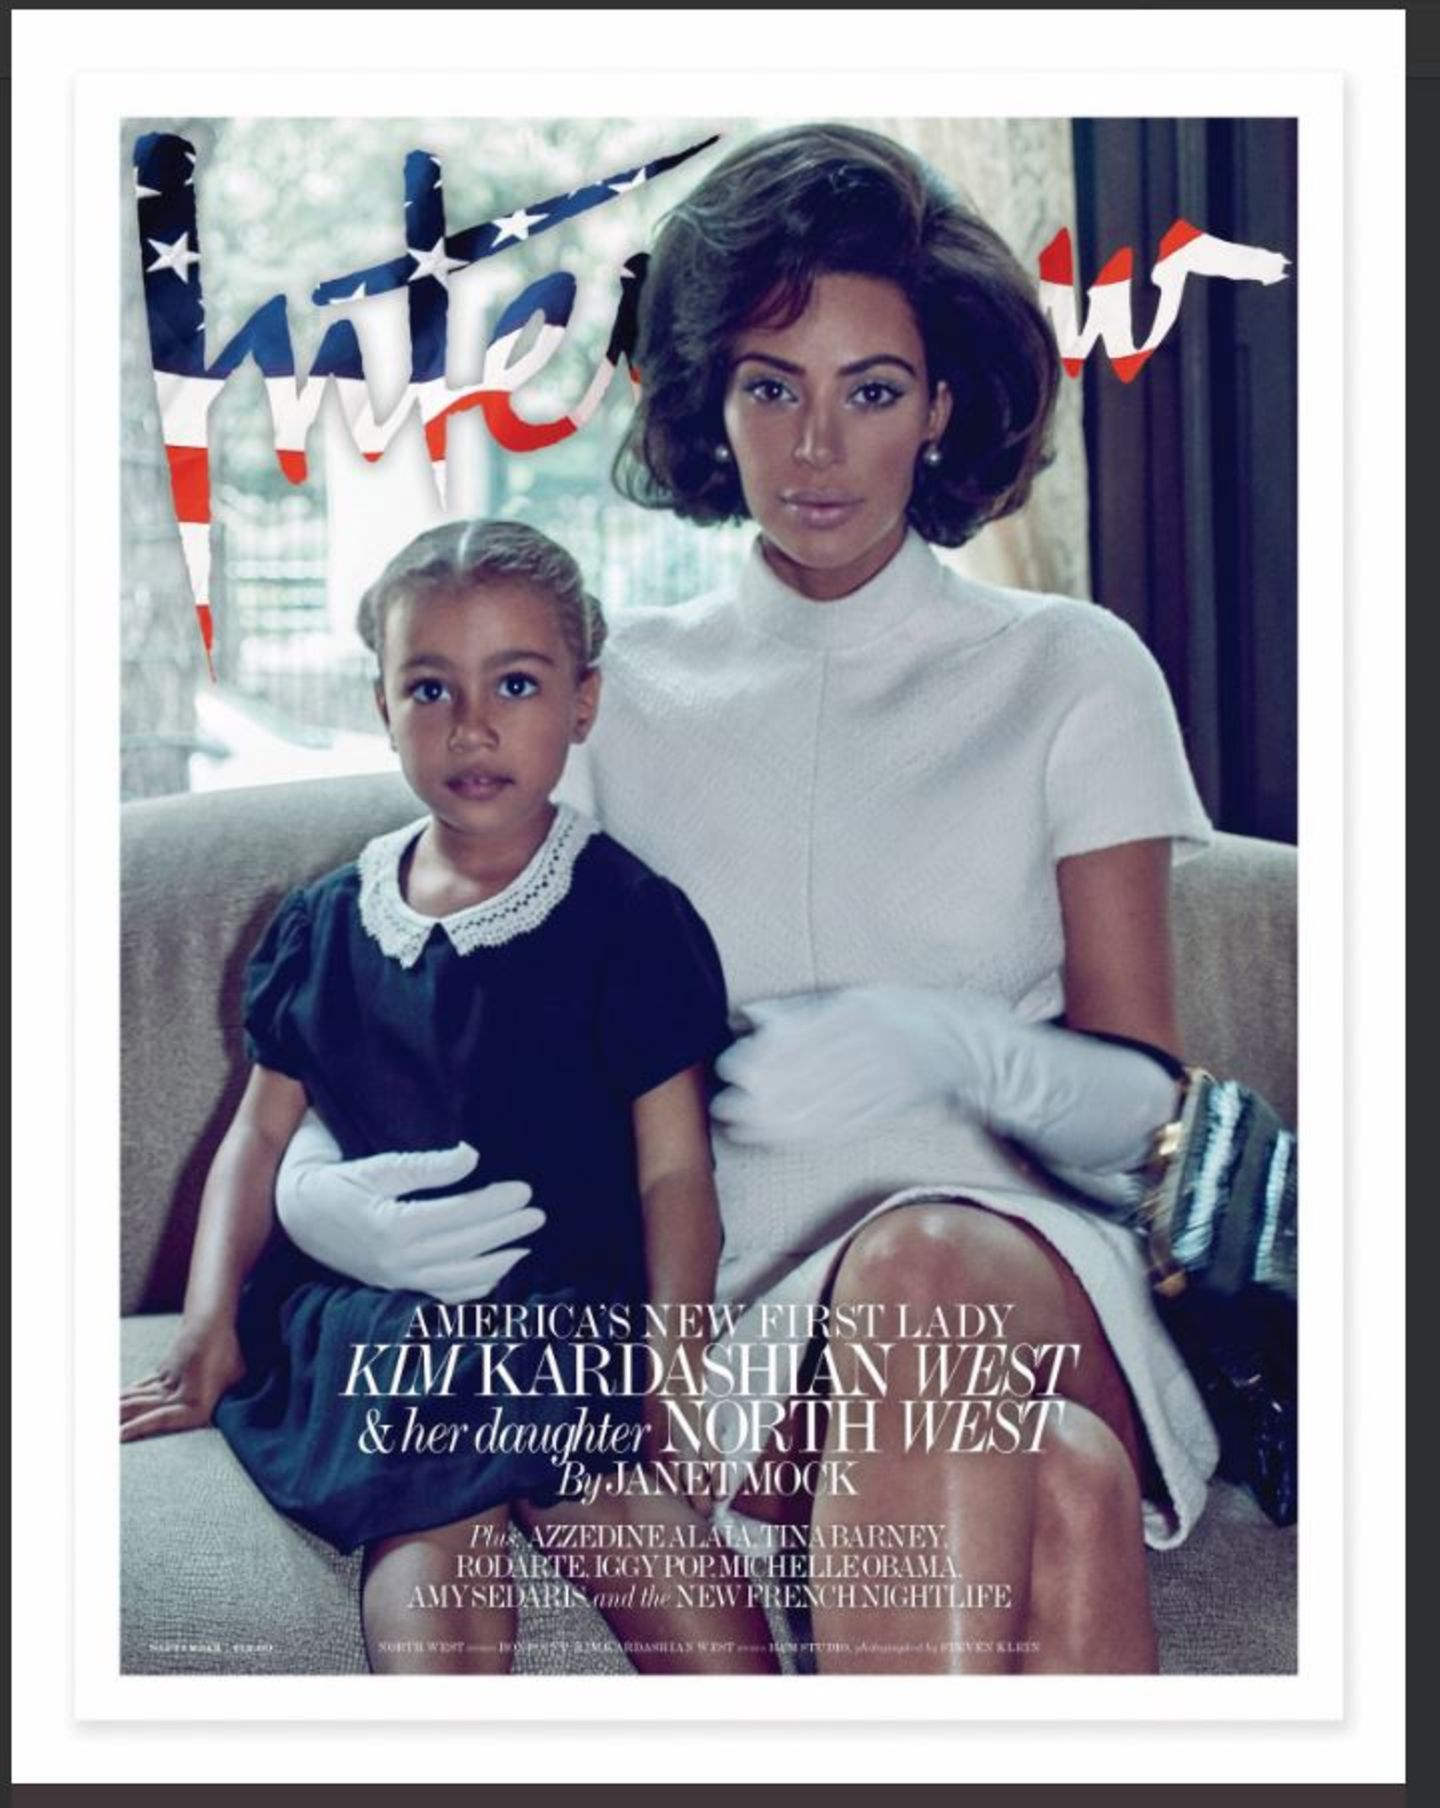 """29. August 2017  Auf dem Cover des amerikanischen """"Interview""""-Magazins posiert Kim Kardashian zusammen mit Töchterchen North als Jackie Kennedy - ein Foto, das für viel Aufsehen sorgt. Die Meinungen sind gespalten, die negativen Kommentare überwiegen jedoch. """"Das ist eine Beleidigung für Jackie"""", """"Das ist abfällig, falsch, reduzierend und einfallslos"""" und und und. Der Tonus lautet ganz offensichtlich: Dieses Mal ist Kim zu weit gegangen."""